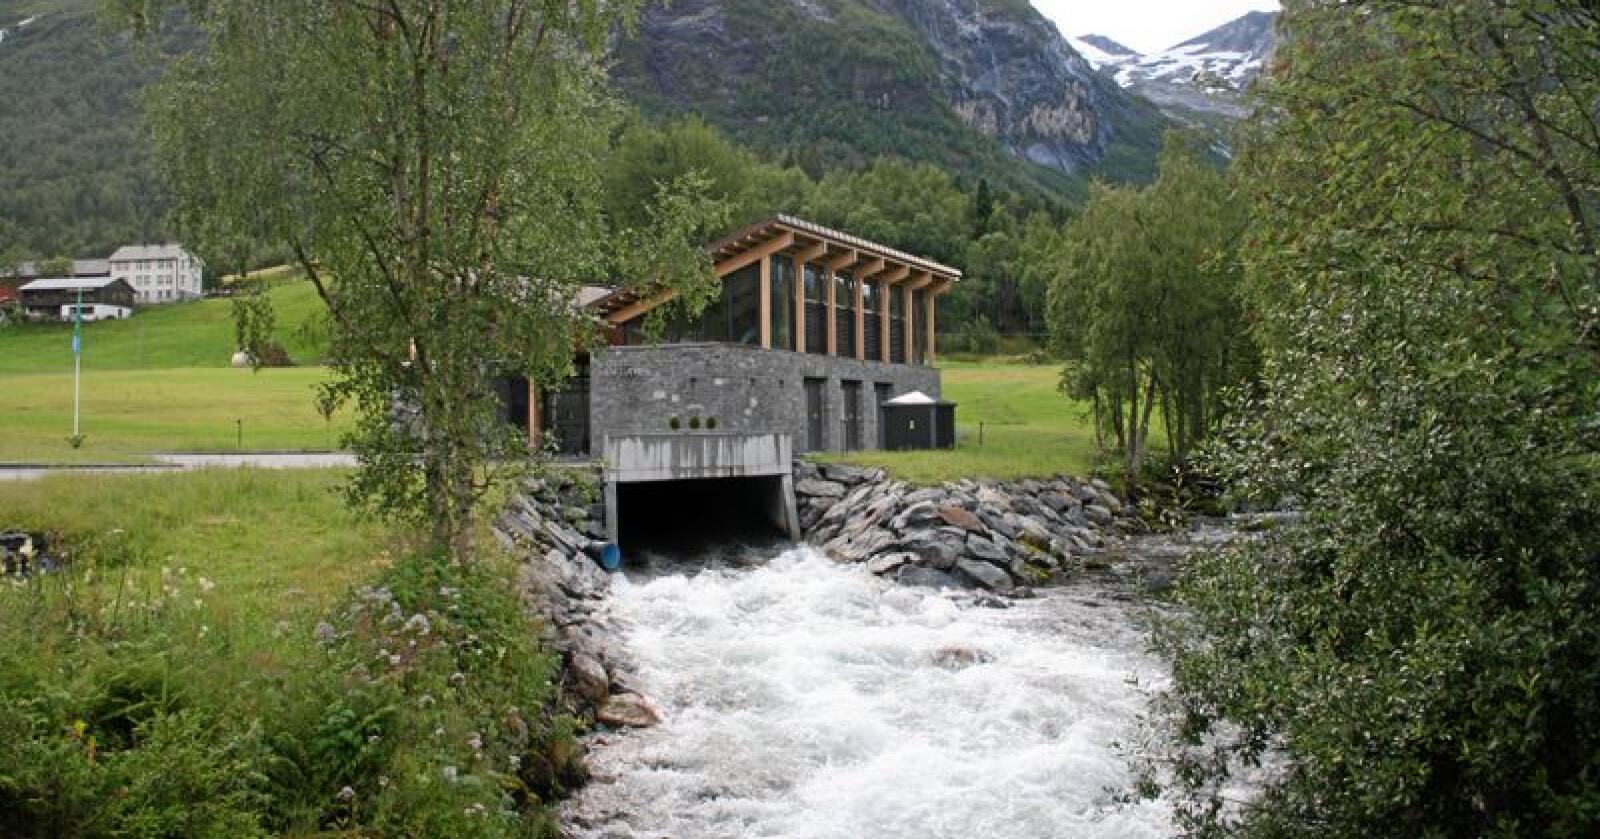 Flere småkraftverk kan gå konkurs dersom de blir pålagt grunnrenteskatt. Her Litlebø kraftverk i Sunnylven i Stranda kommune på Sunnmøre i Møre og Romsdal som er eid av bønder. Foto: Bjarne Bekkeheien Aase